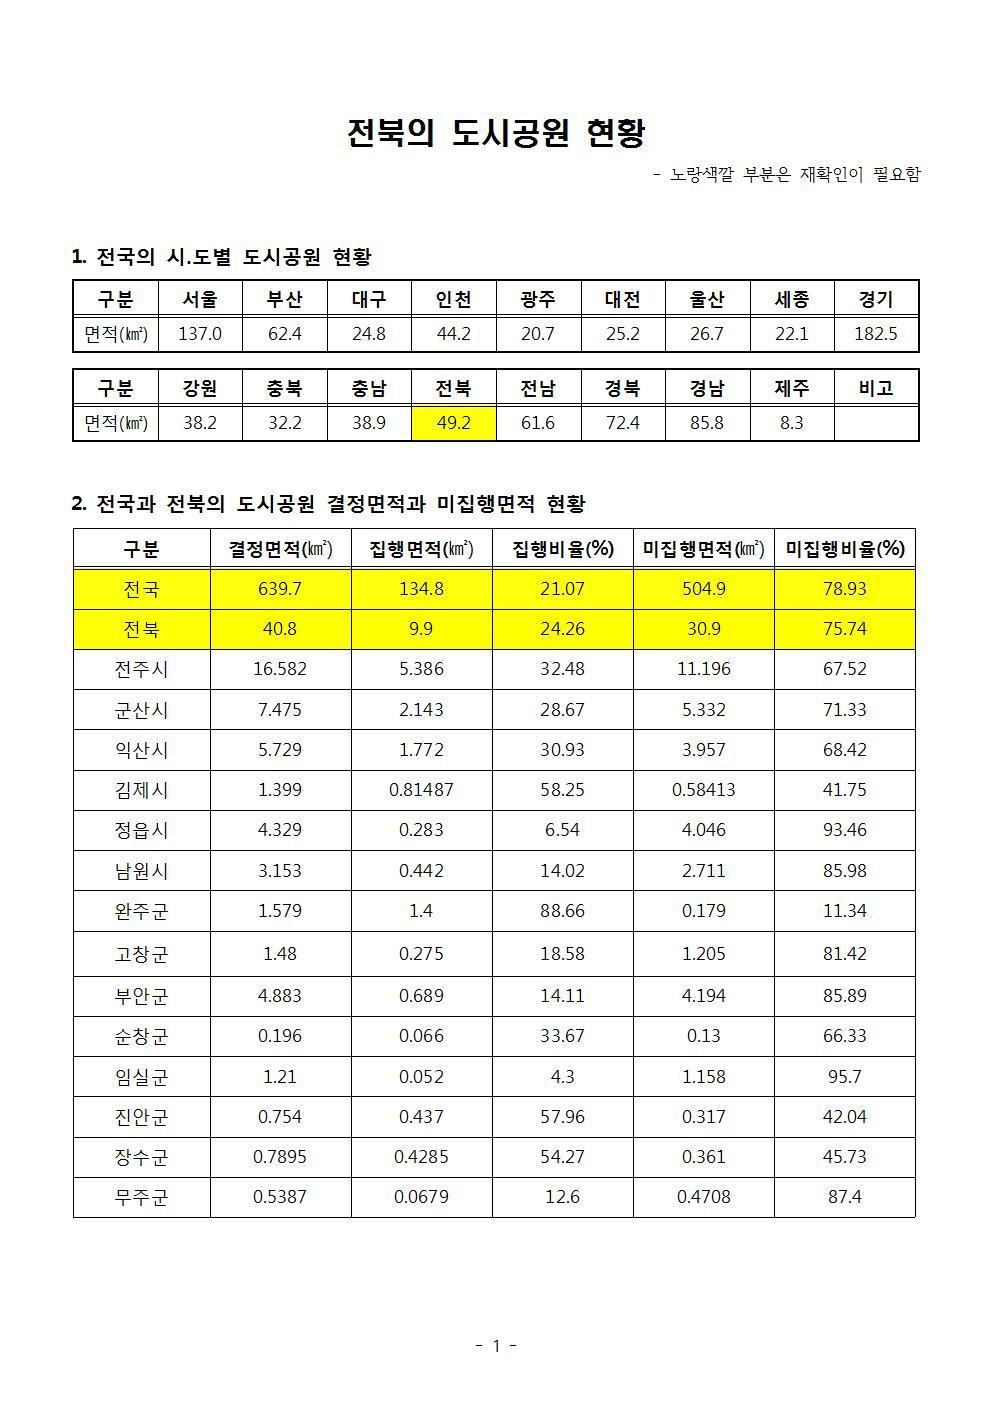 20180210-전북의 도시공원  현황_2차 자료 정리001.jpg